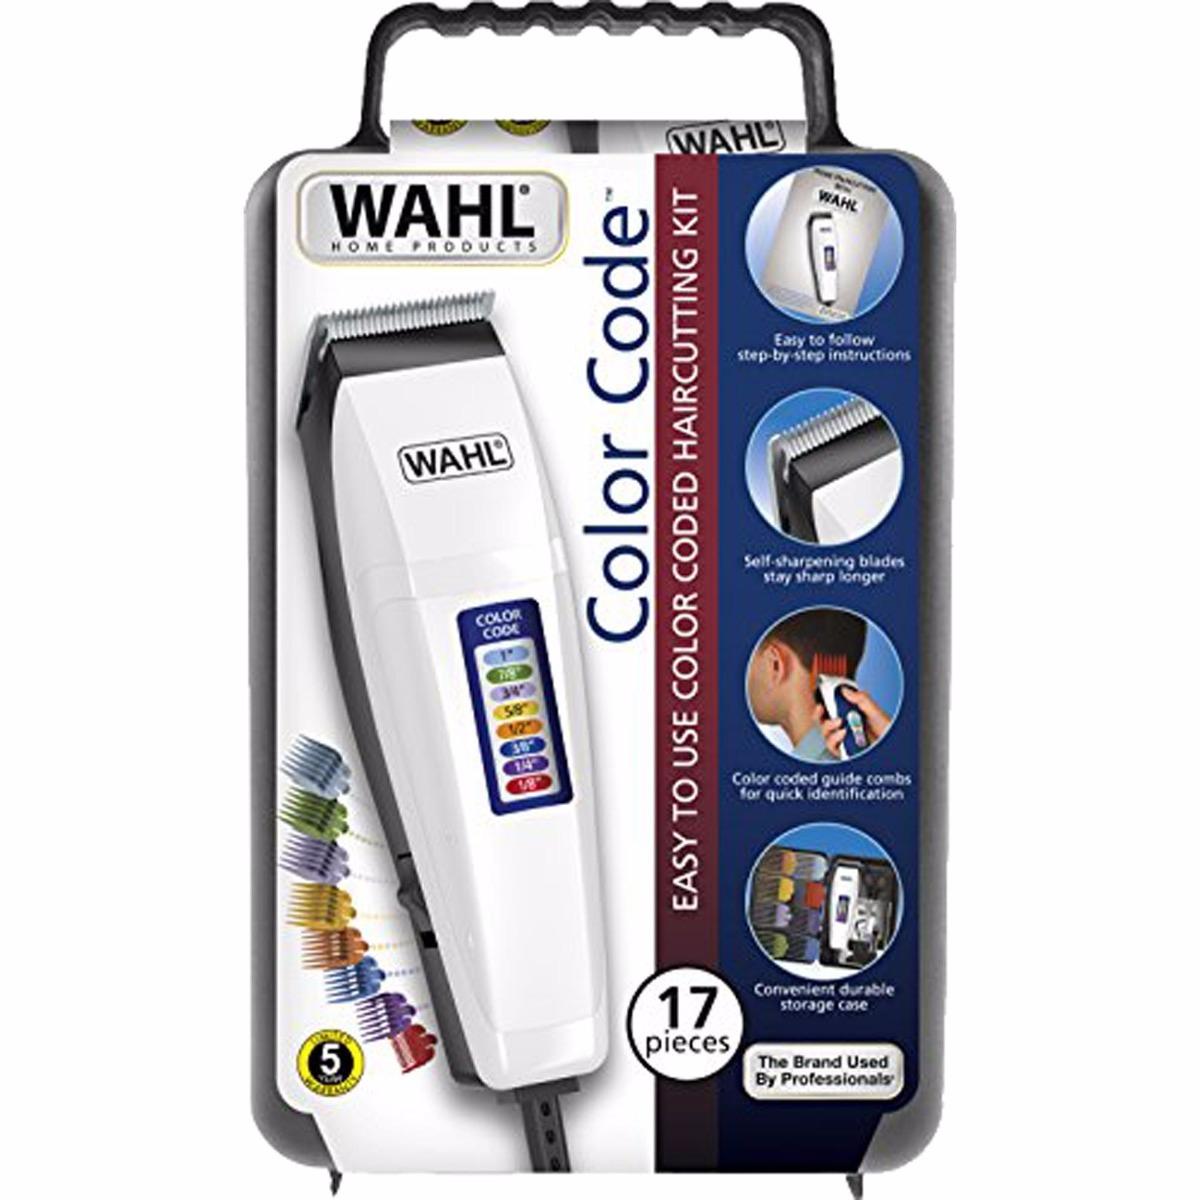 271fe6289 kit máquina corte cabelo e barba profissional wahl 17pç 110v. Carregando  zoom.